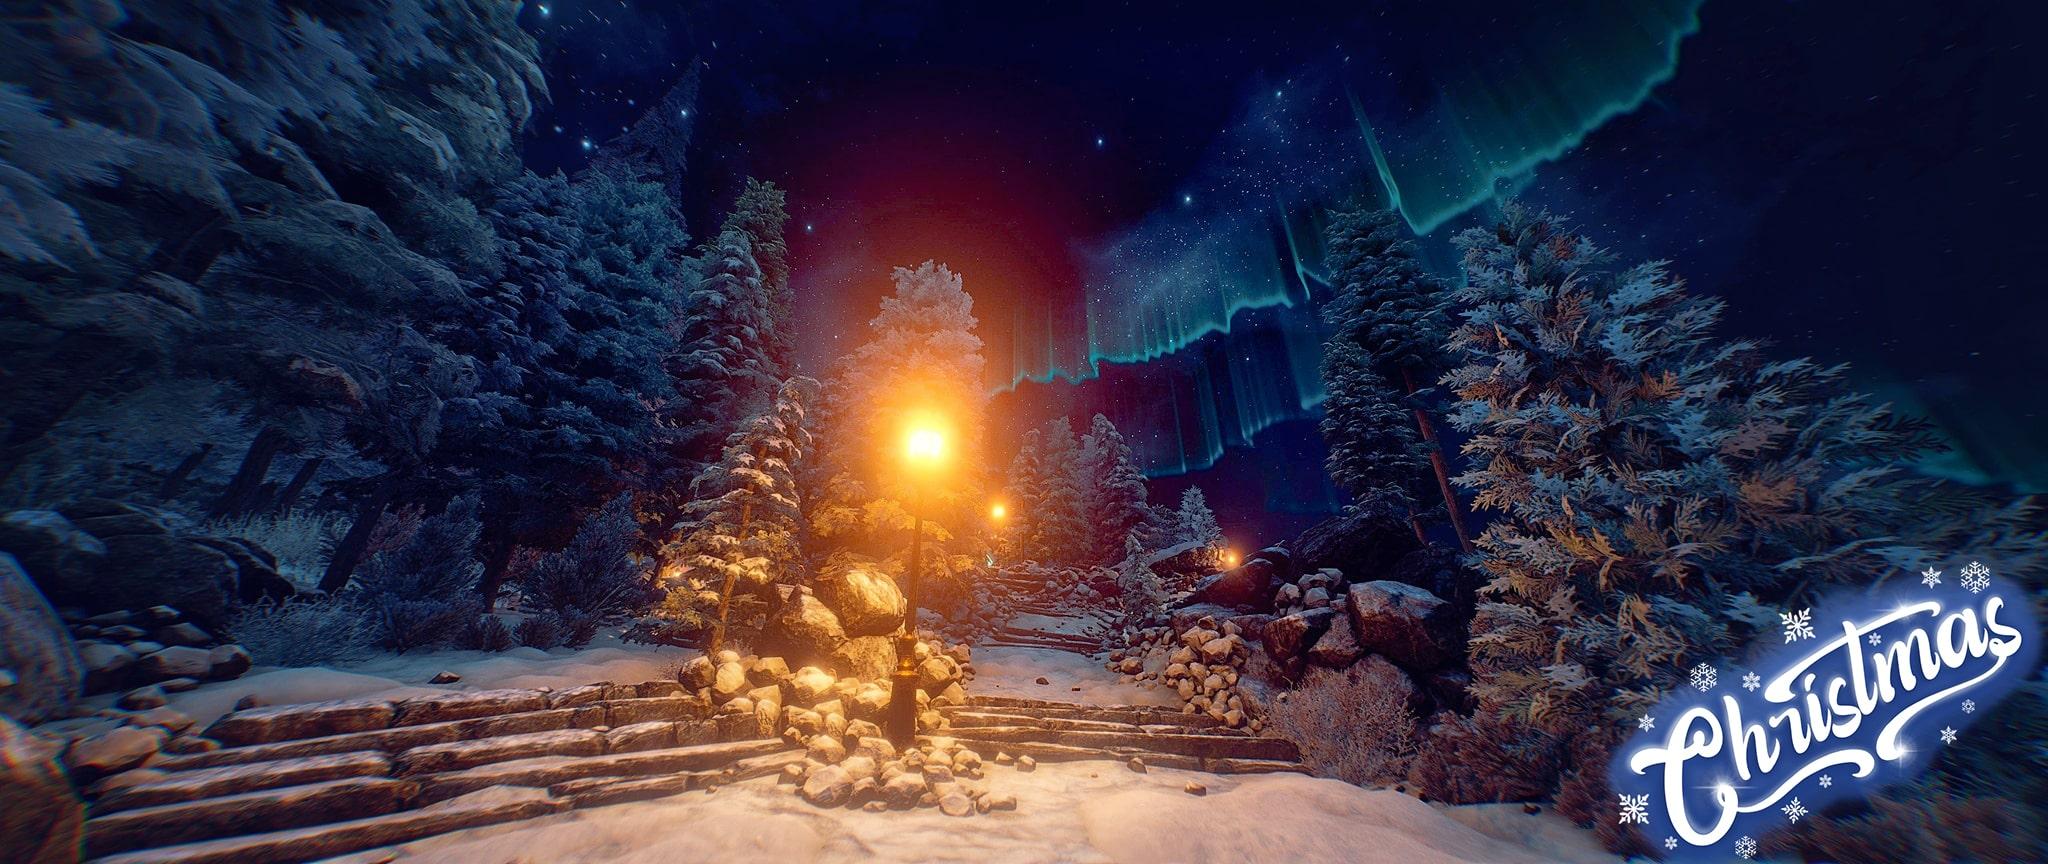 Christmas 1 1